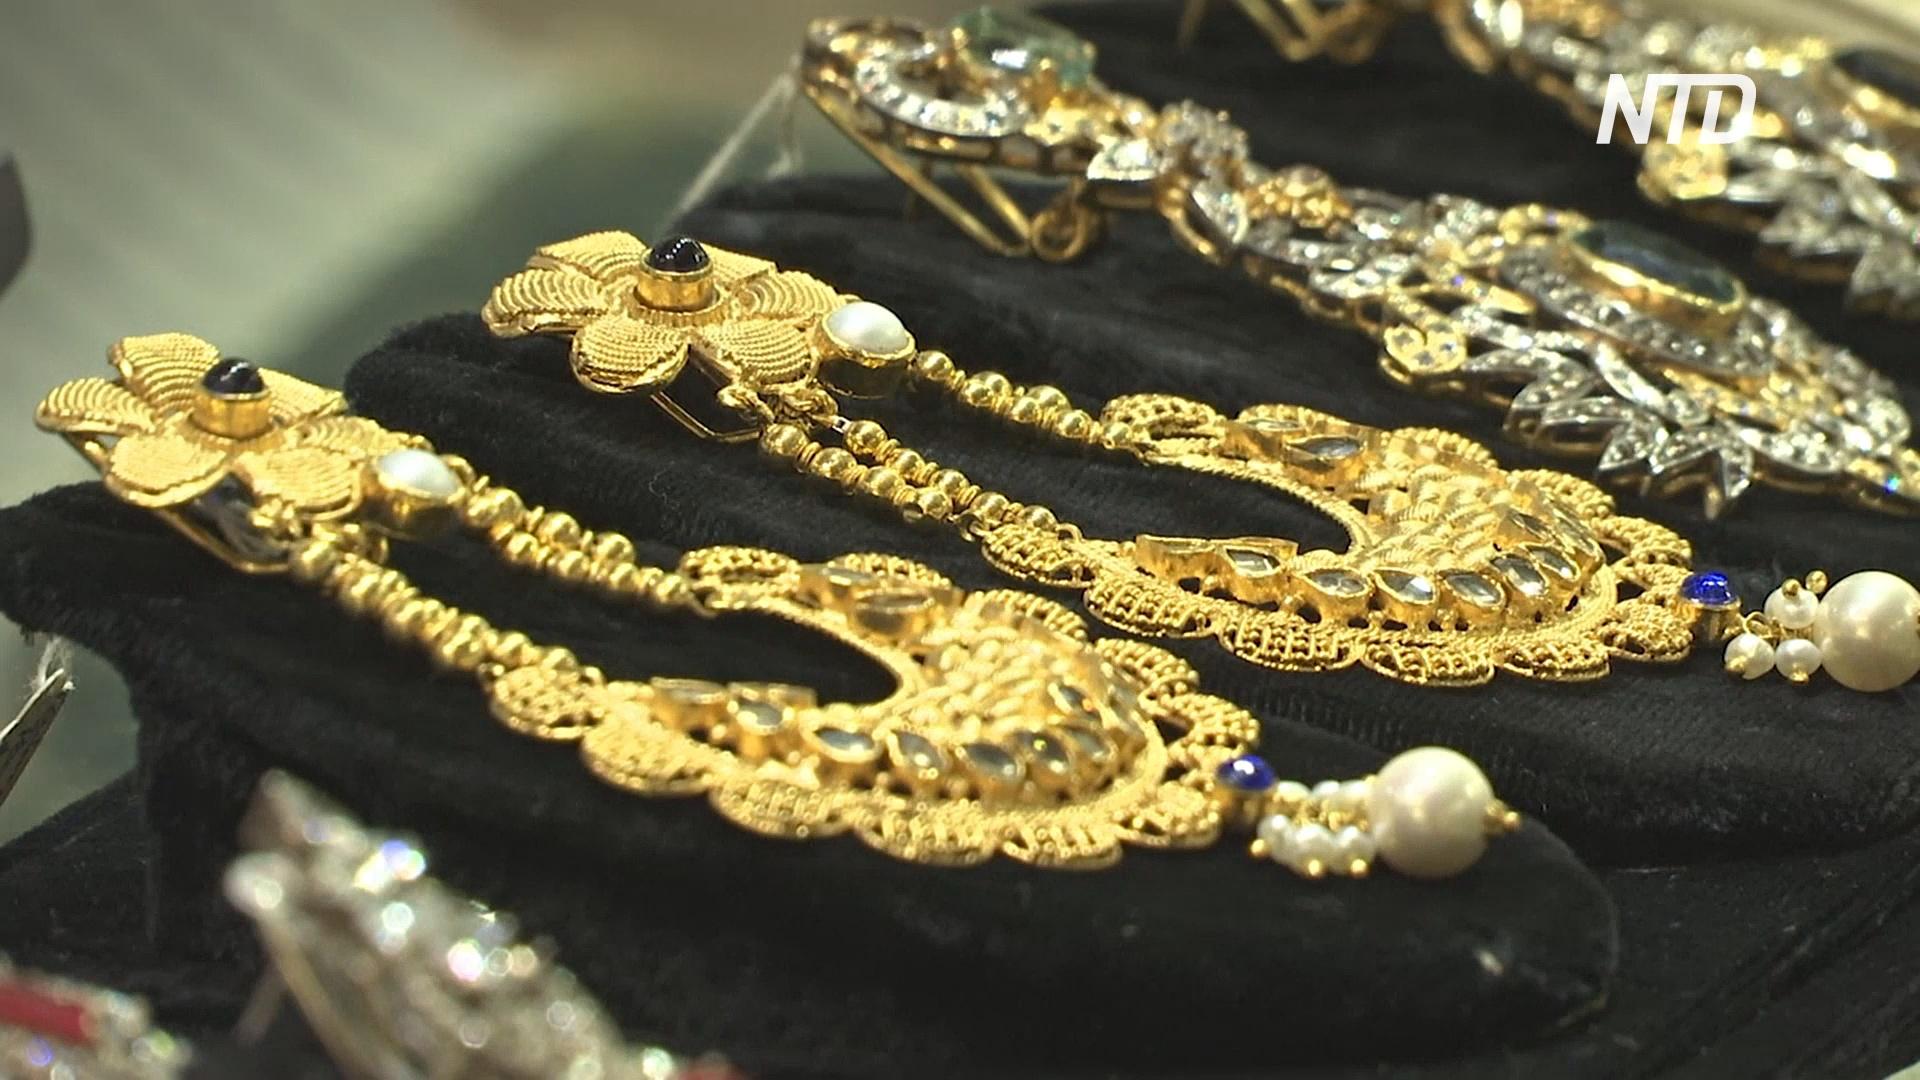 Пакистанцы вынуждены вместо золота покупать на свадьбу бижутерию